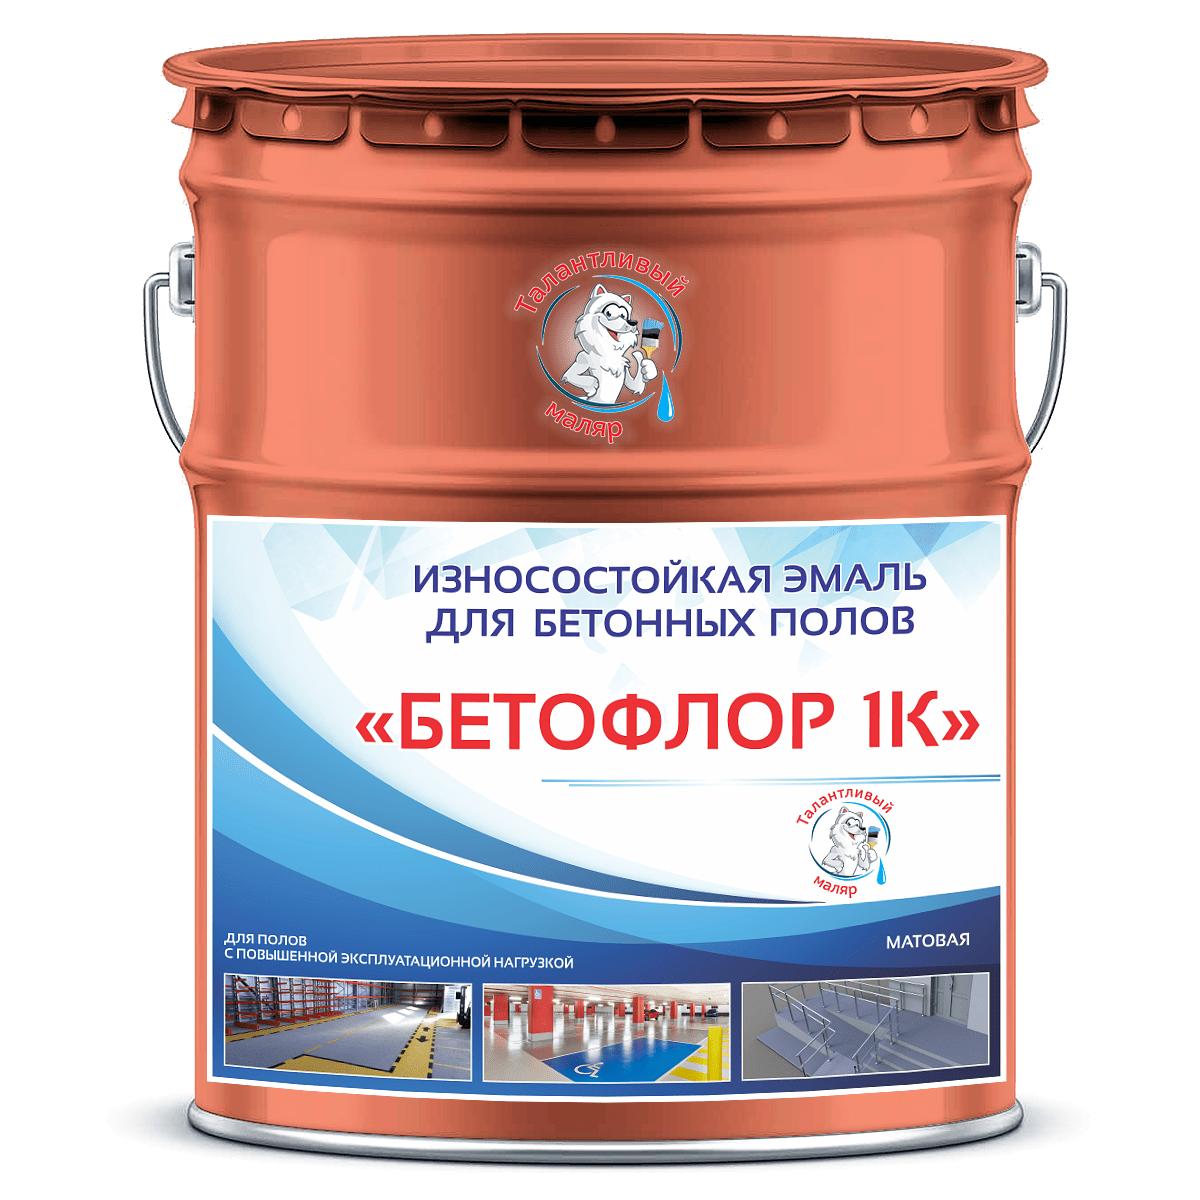 """Фото 9 - BF3022 Эмаль для бетонных полов """"Бетофлор"""" 1К цвет RAL 3022 Лососёво-красный, матовая износостойкая, 25 кг """"Талантливый Маляр""""."""